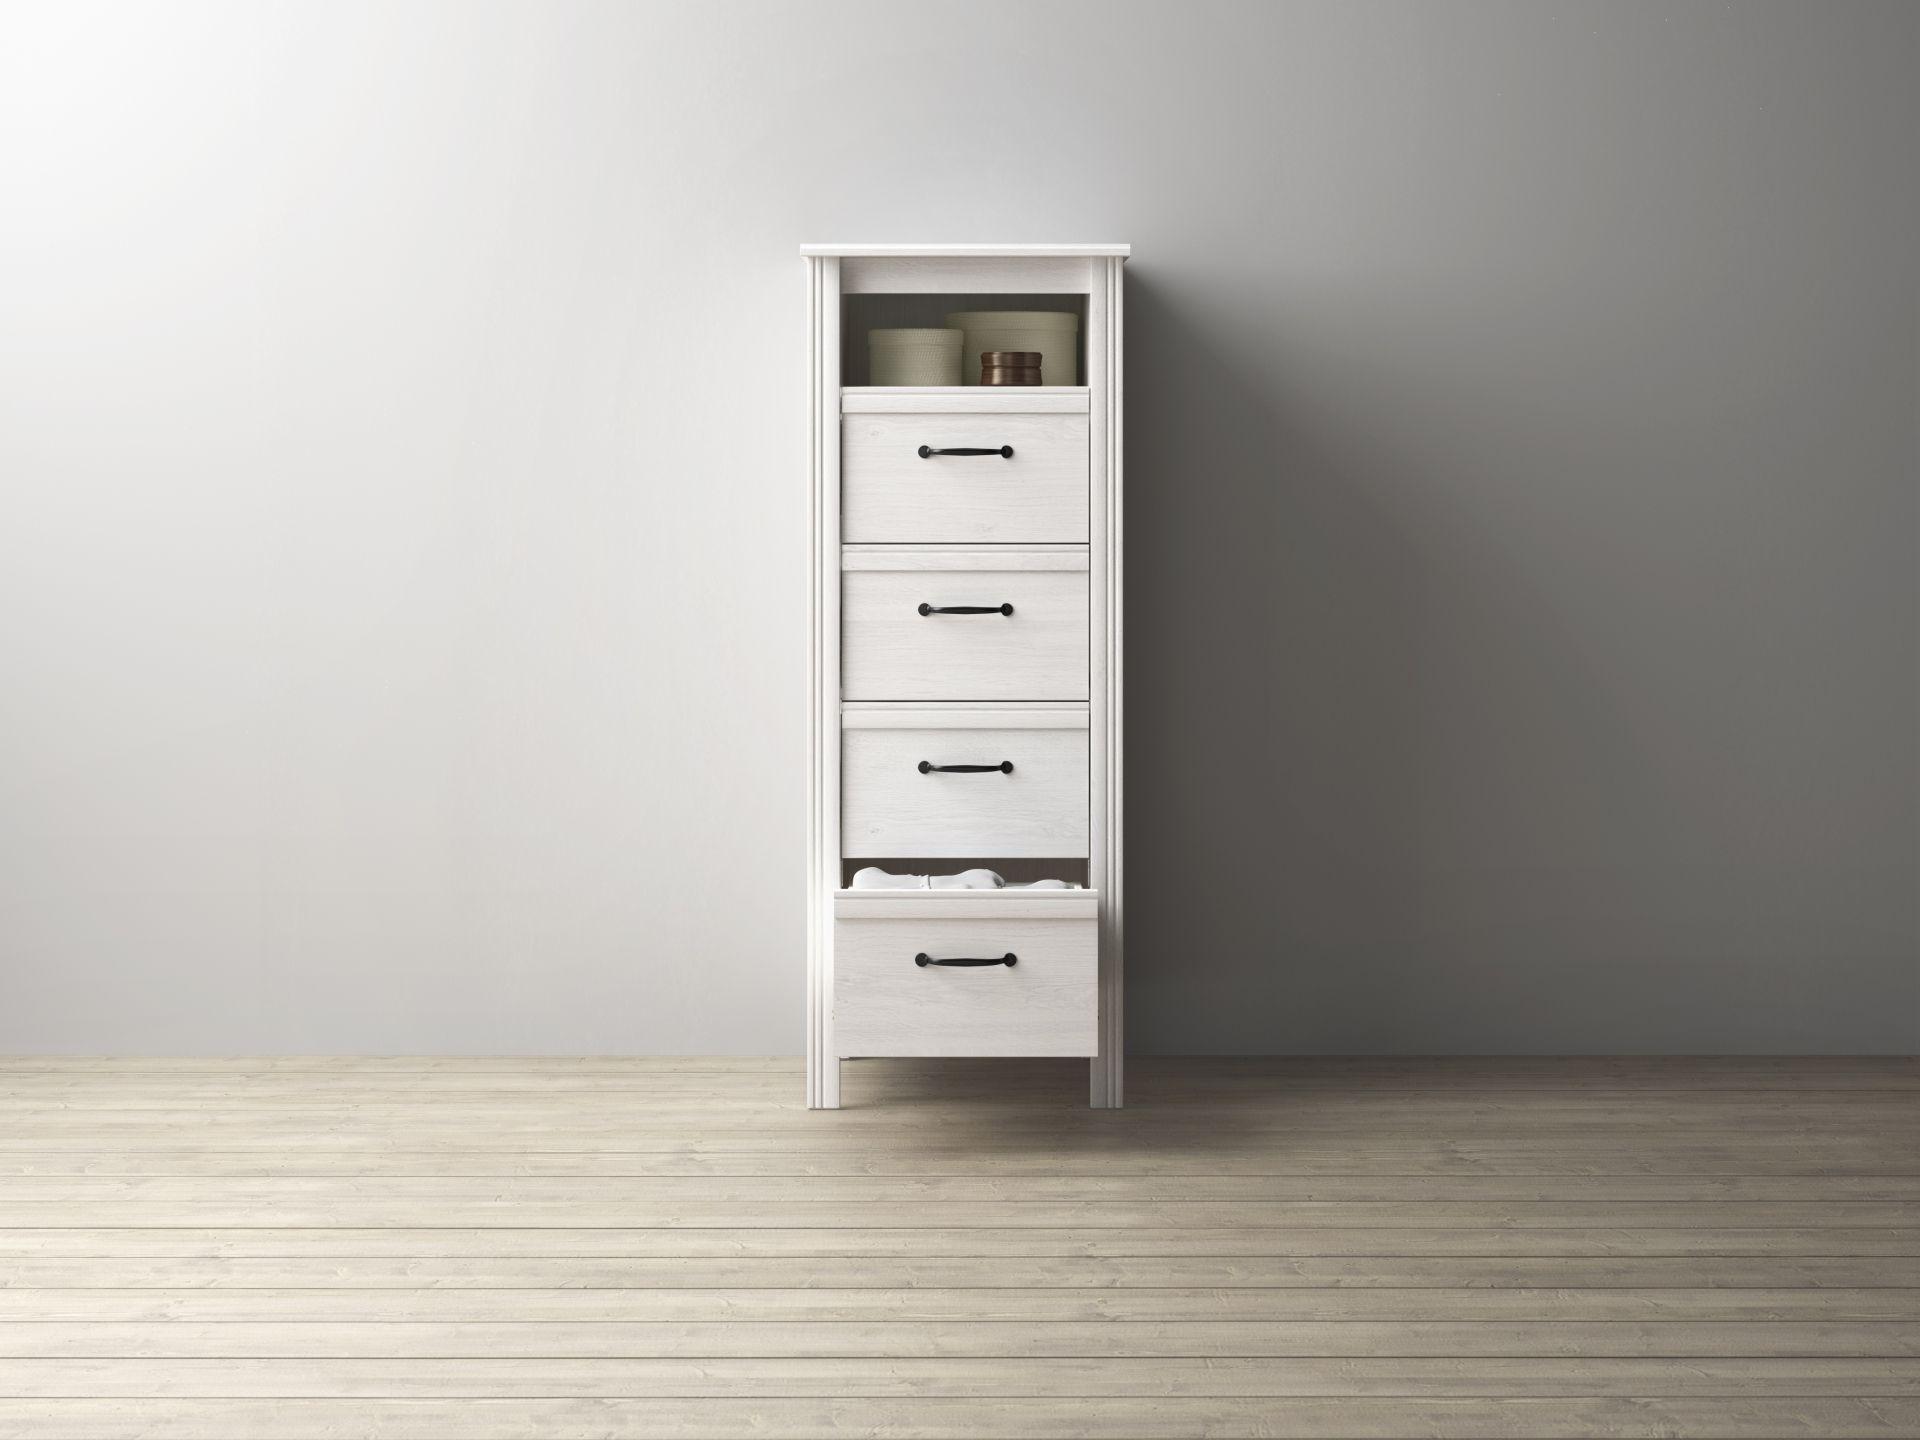 Ikea brusali kast. top ikea brusali kast with ikea brusali kast